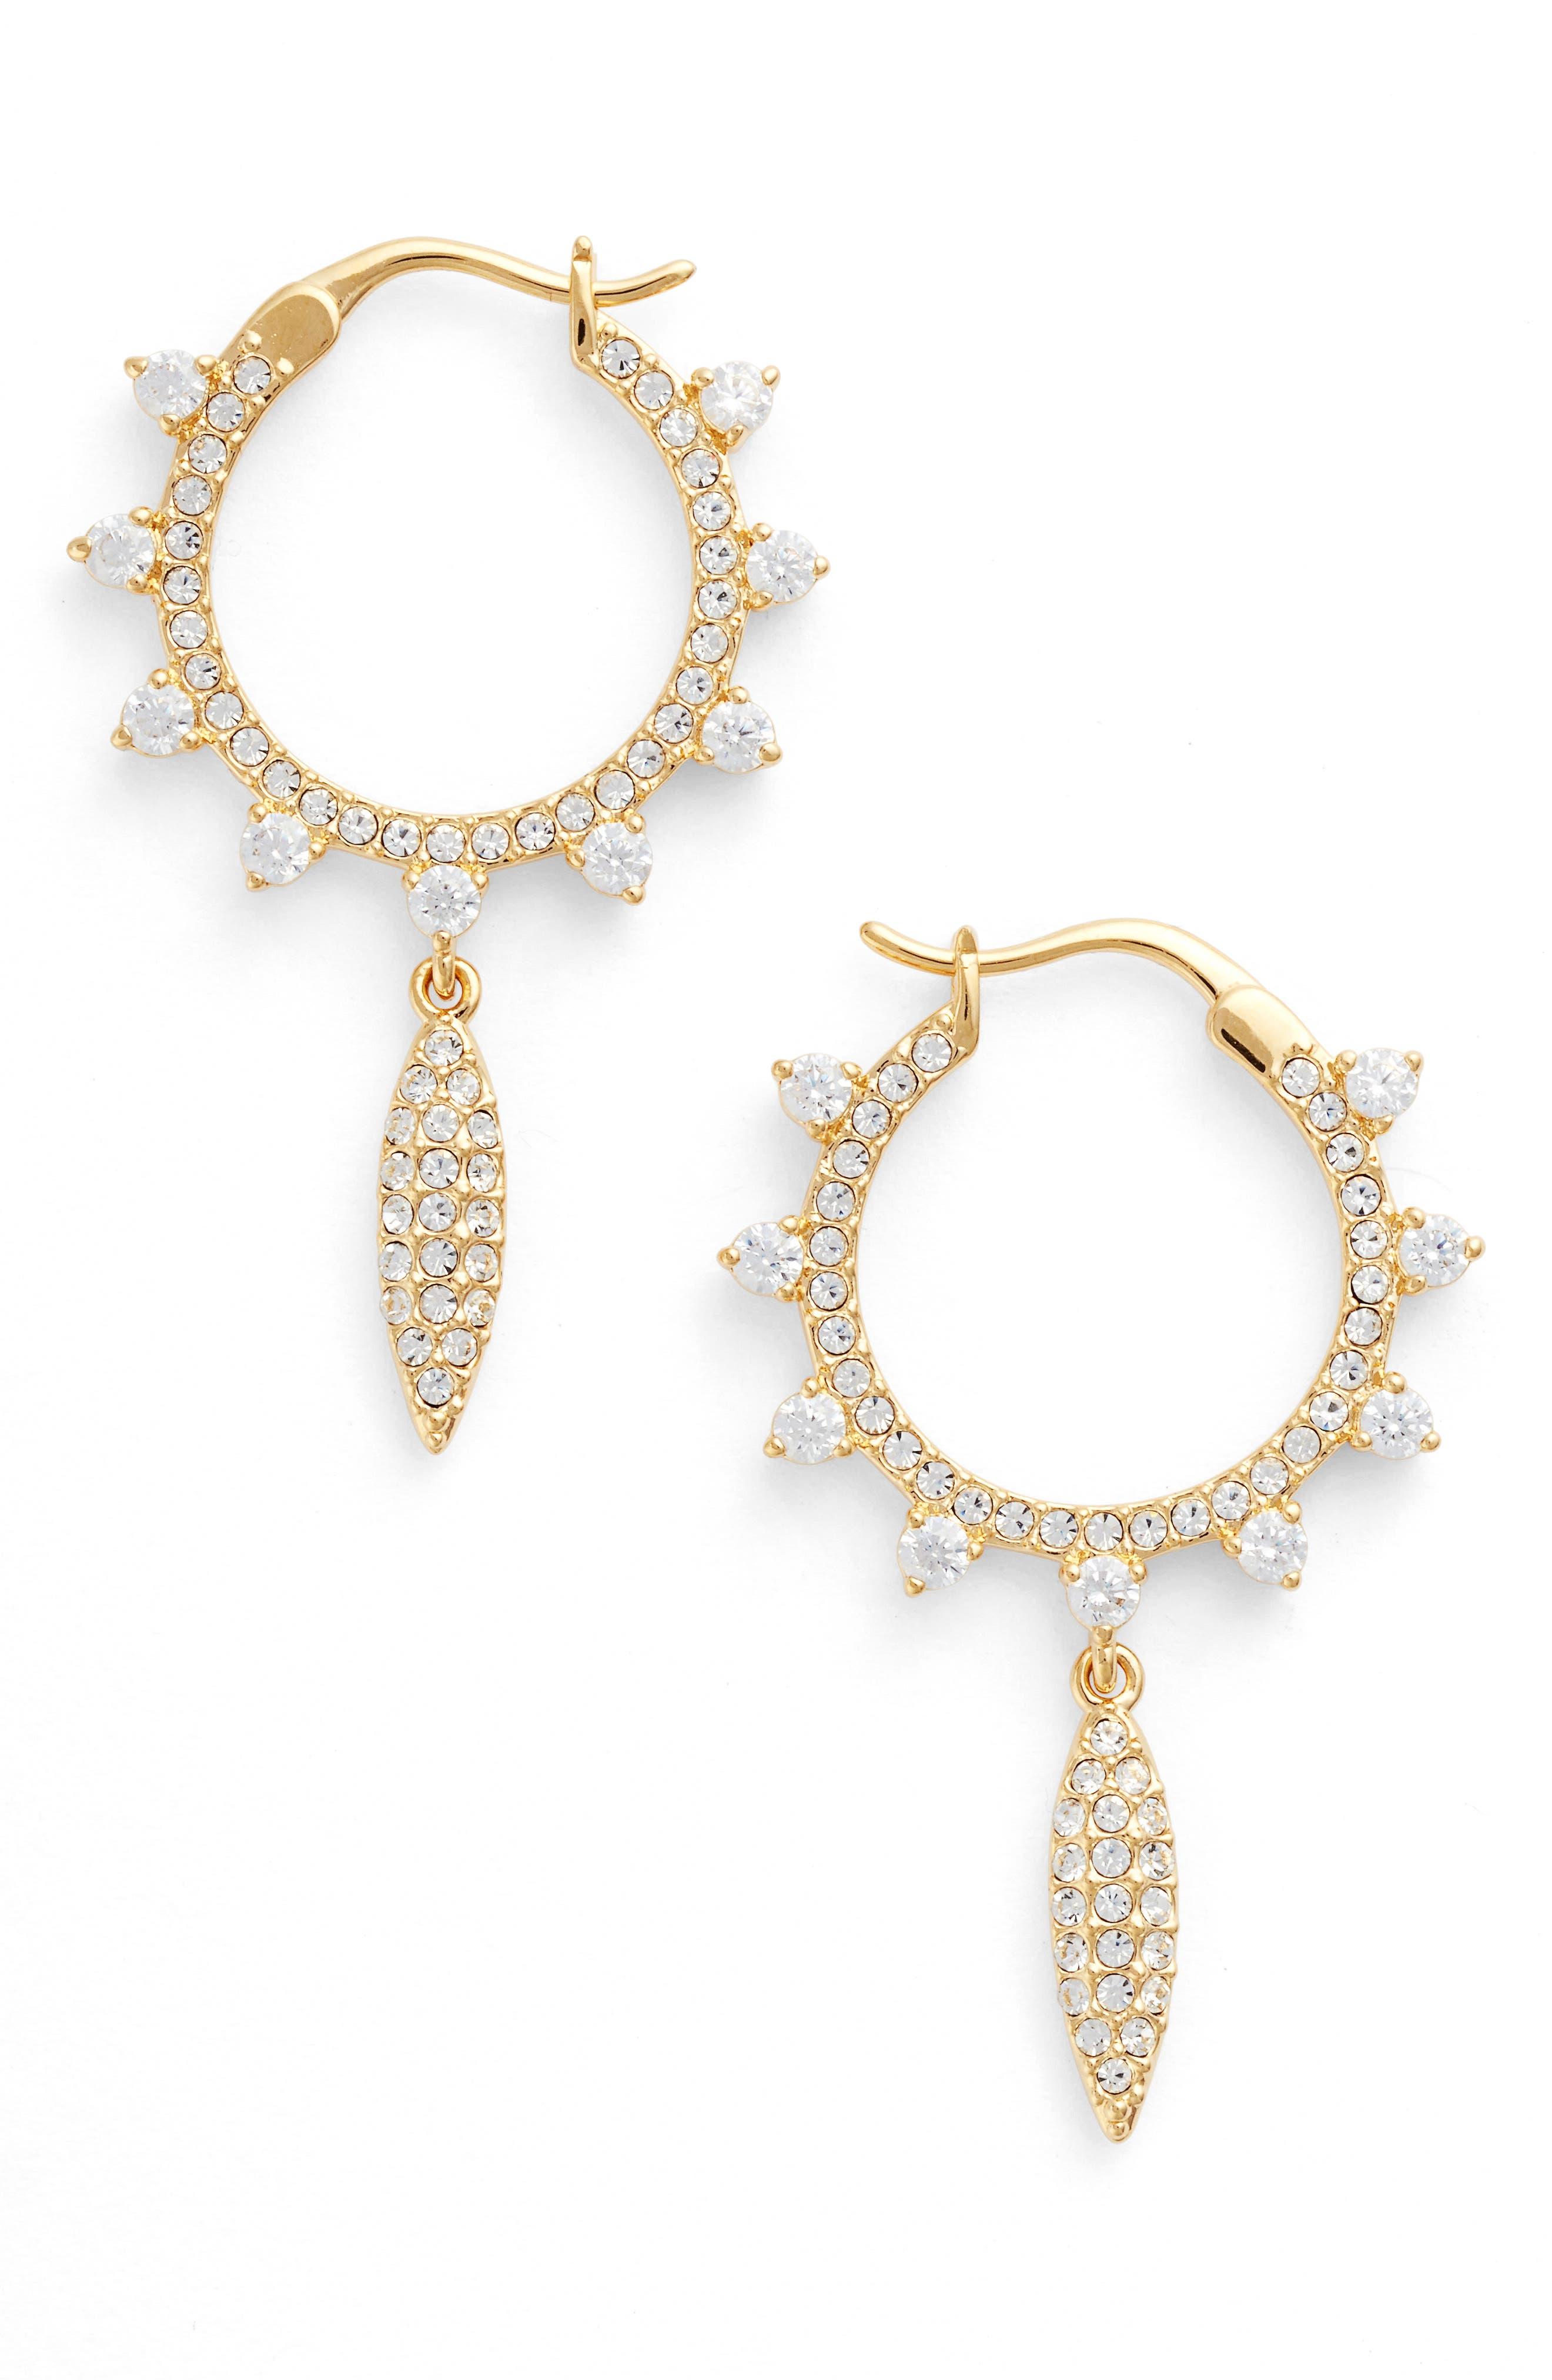 Alternate Image 1 Selected - Nadri Cardamom Charm Hoop Earrings